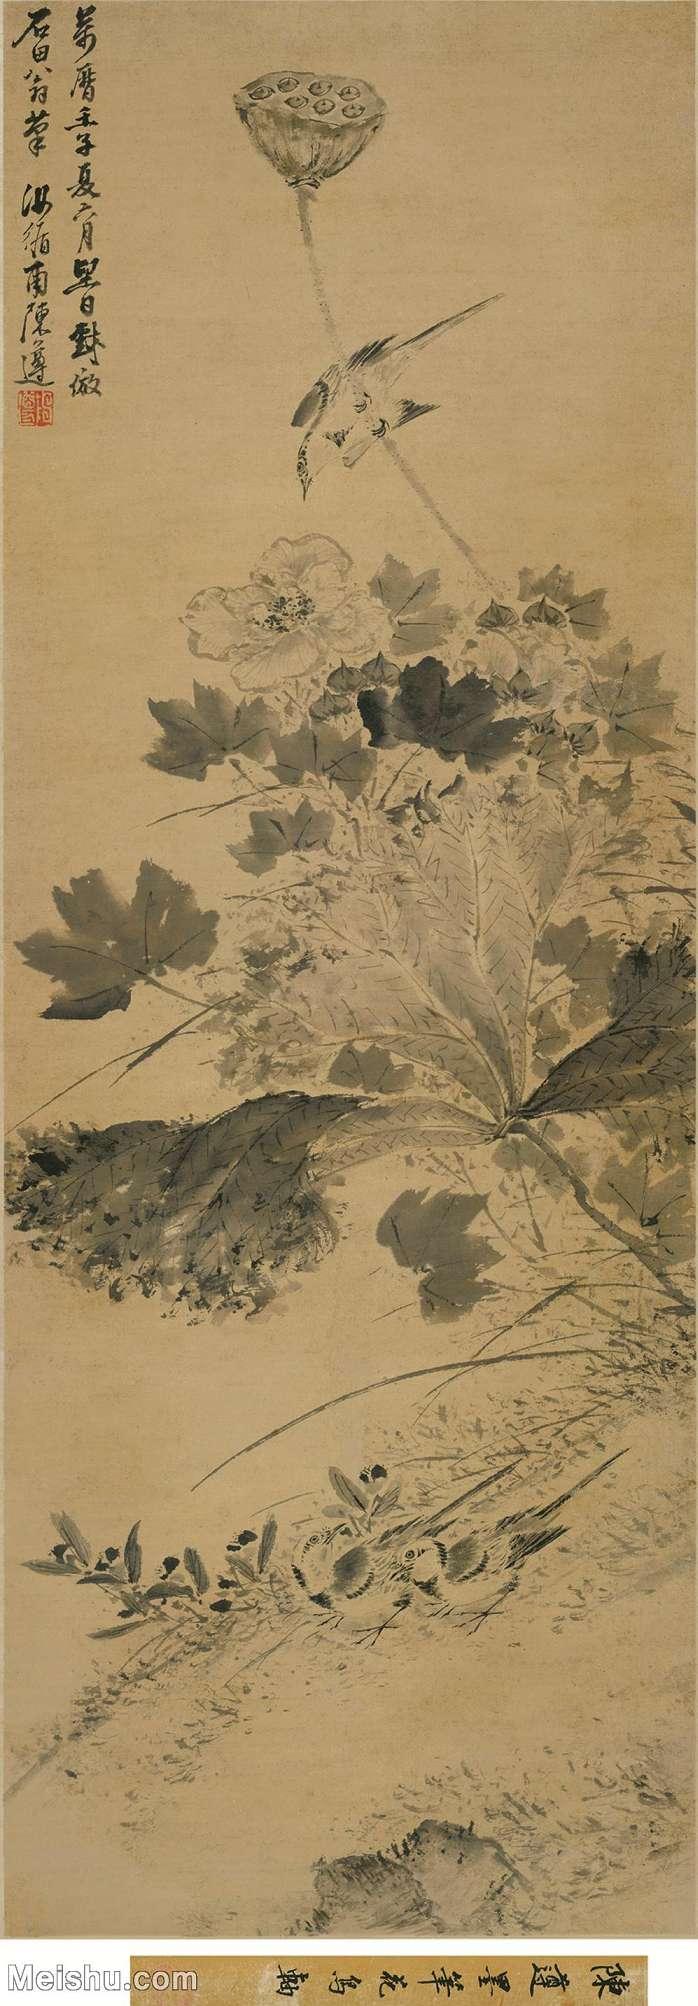 【超顶级】GH6085577古画树木植物-陈遵-芙蓉鹡鸰图立轴图片-191M-4400X12622_28367284.j